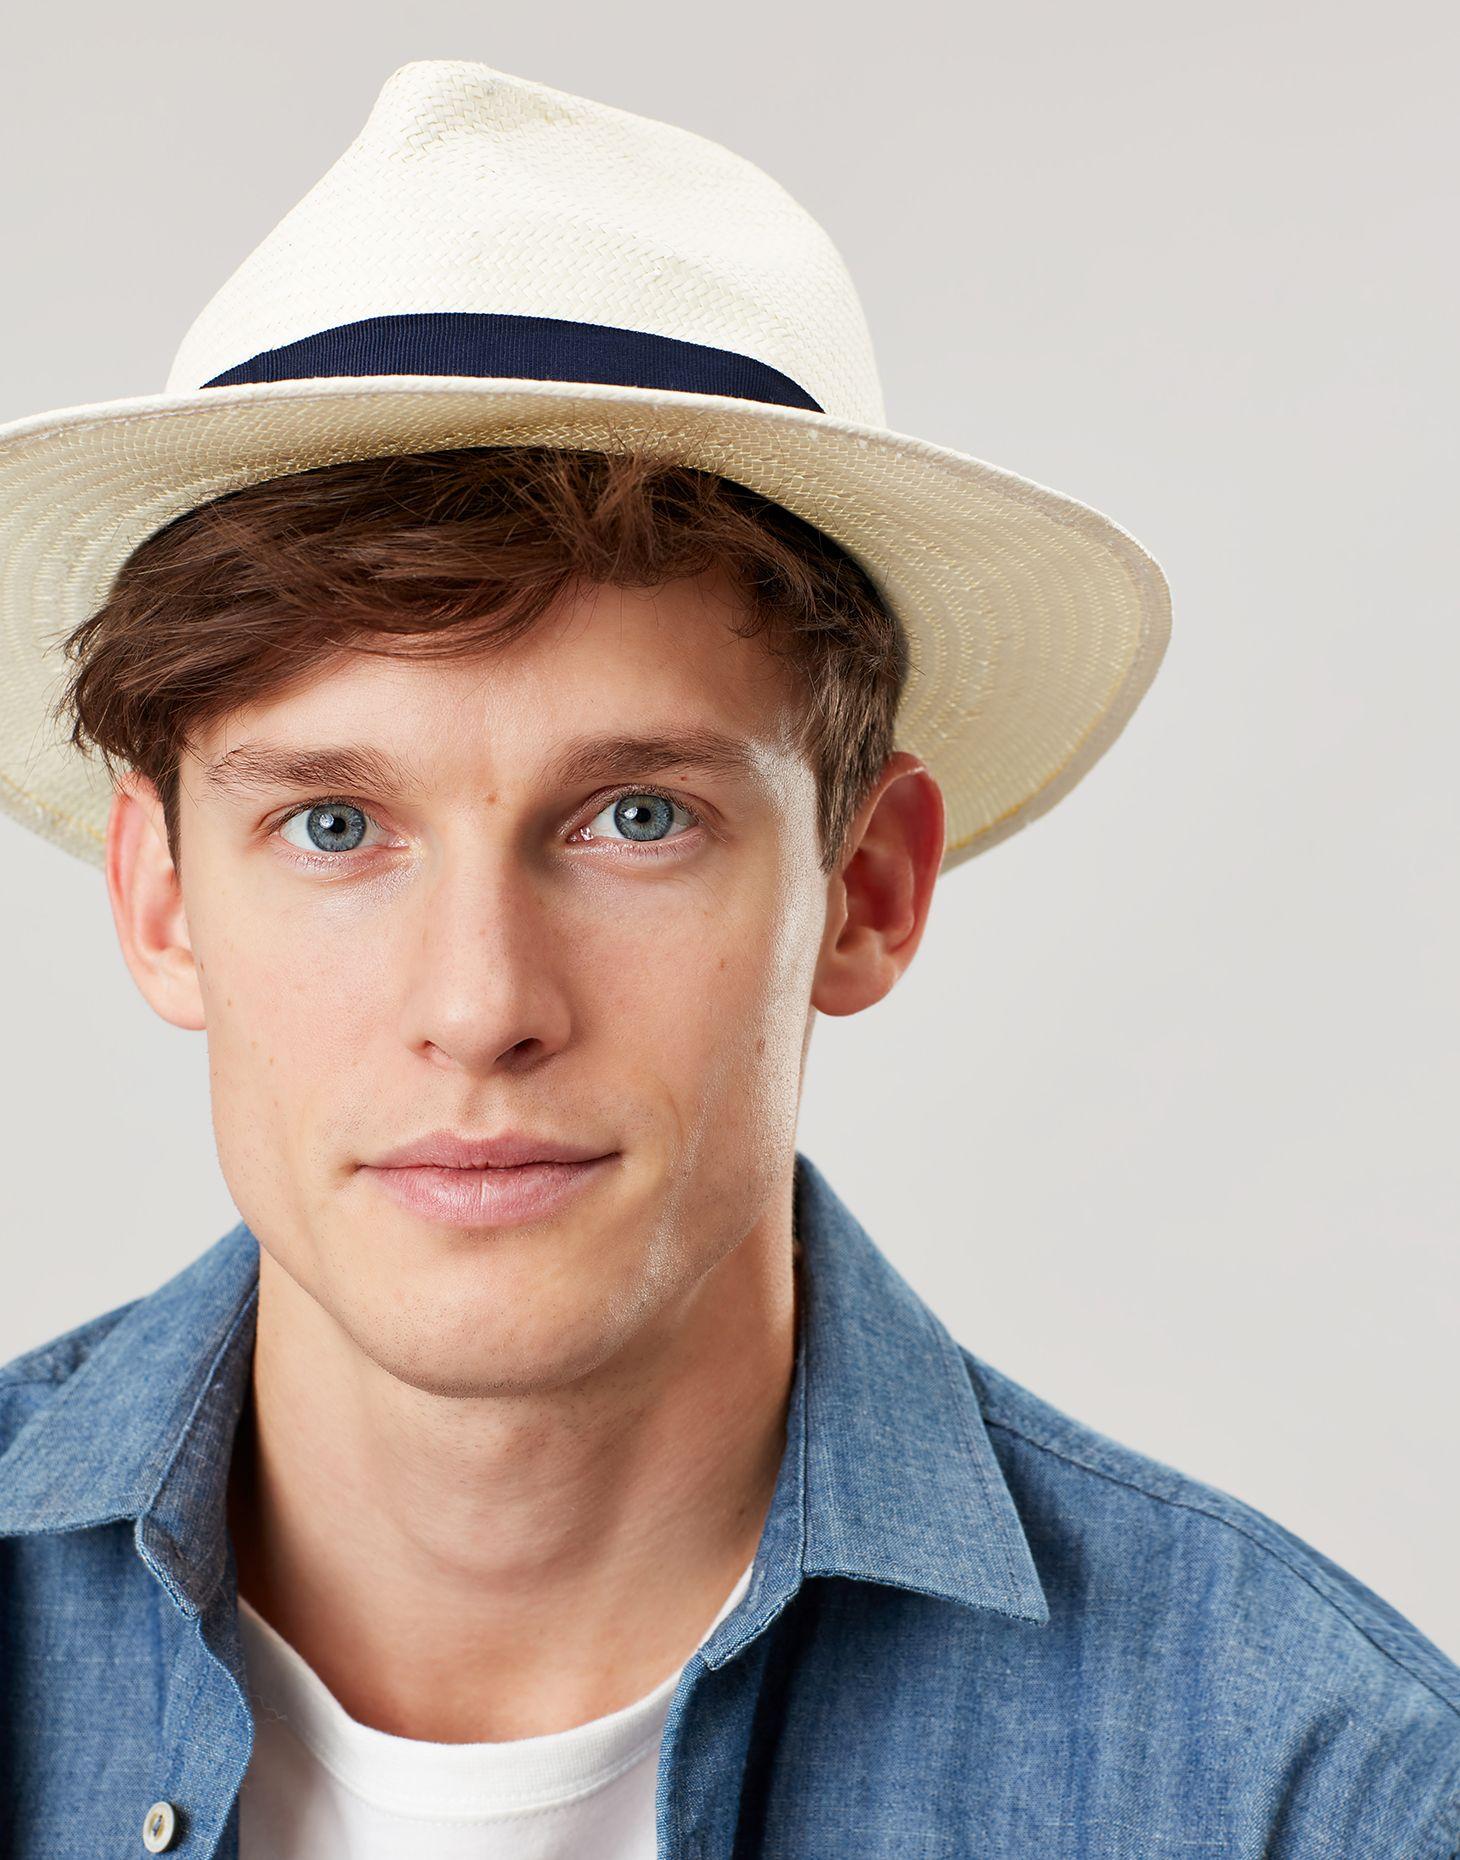 mens summer hats